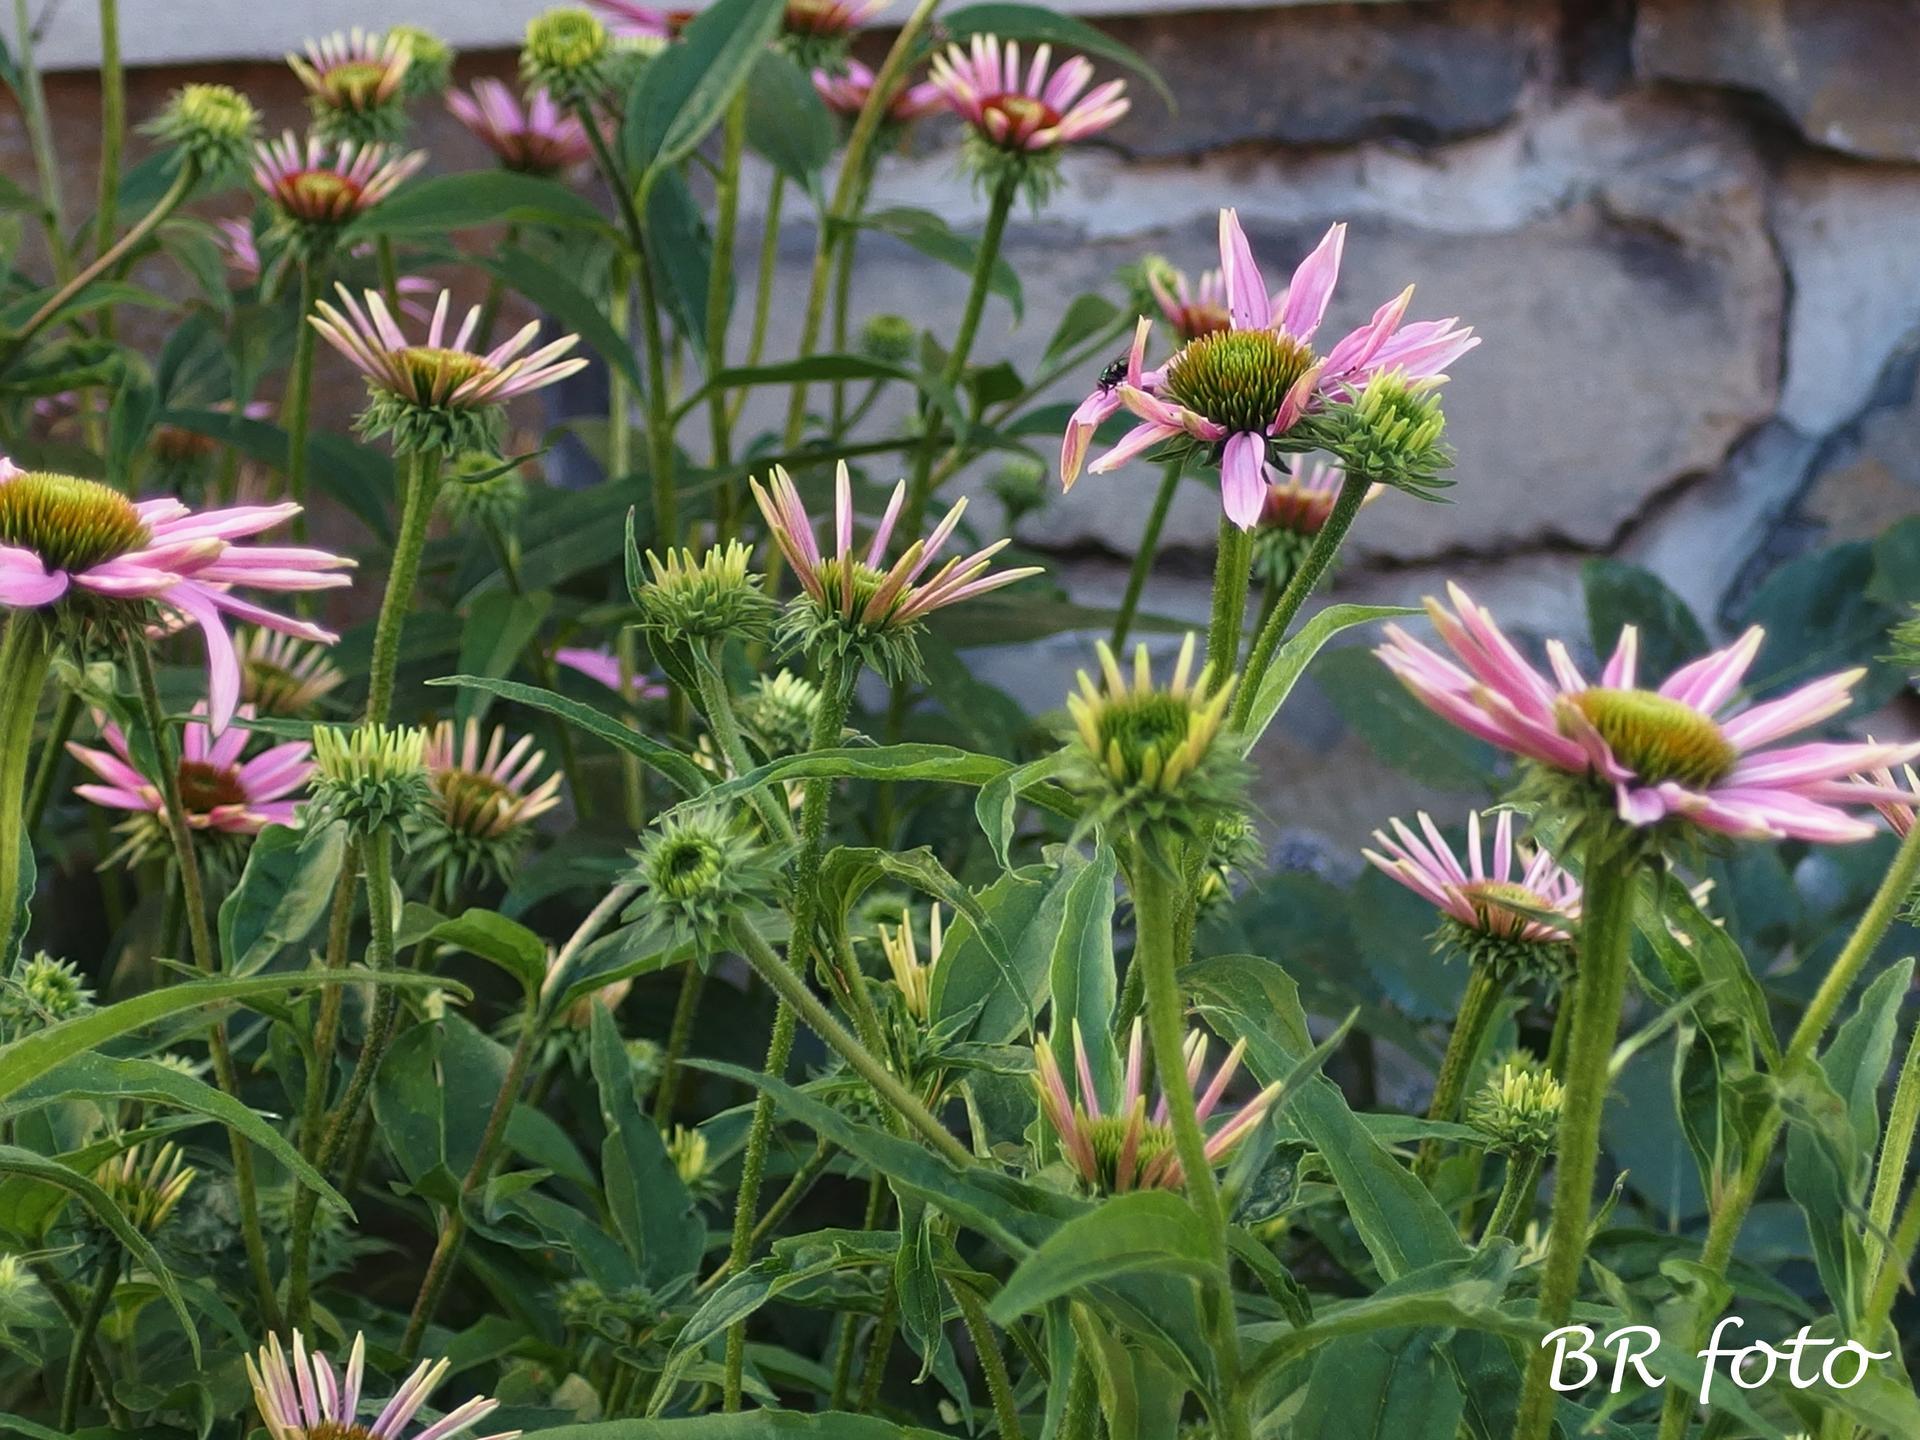 Zahrada v létě - echinacea bohatě pokvete